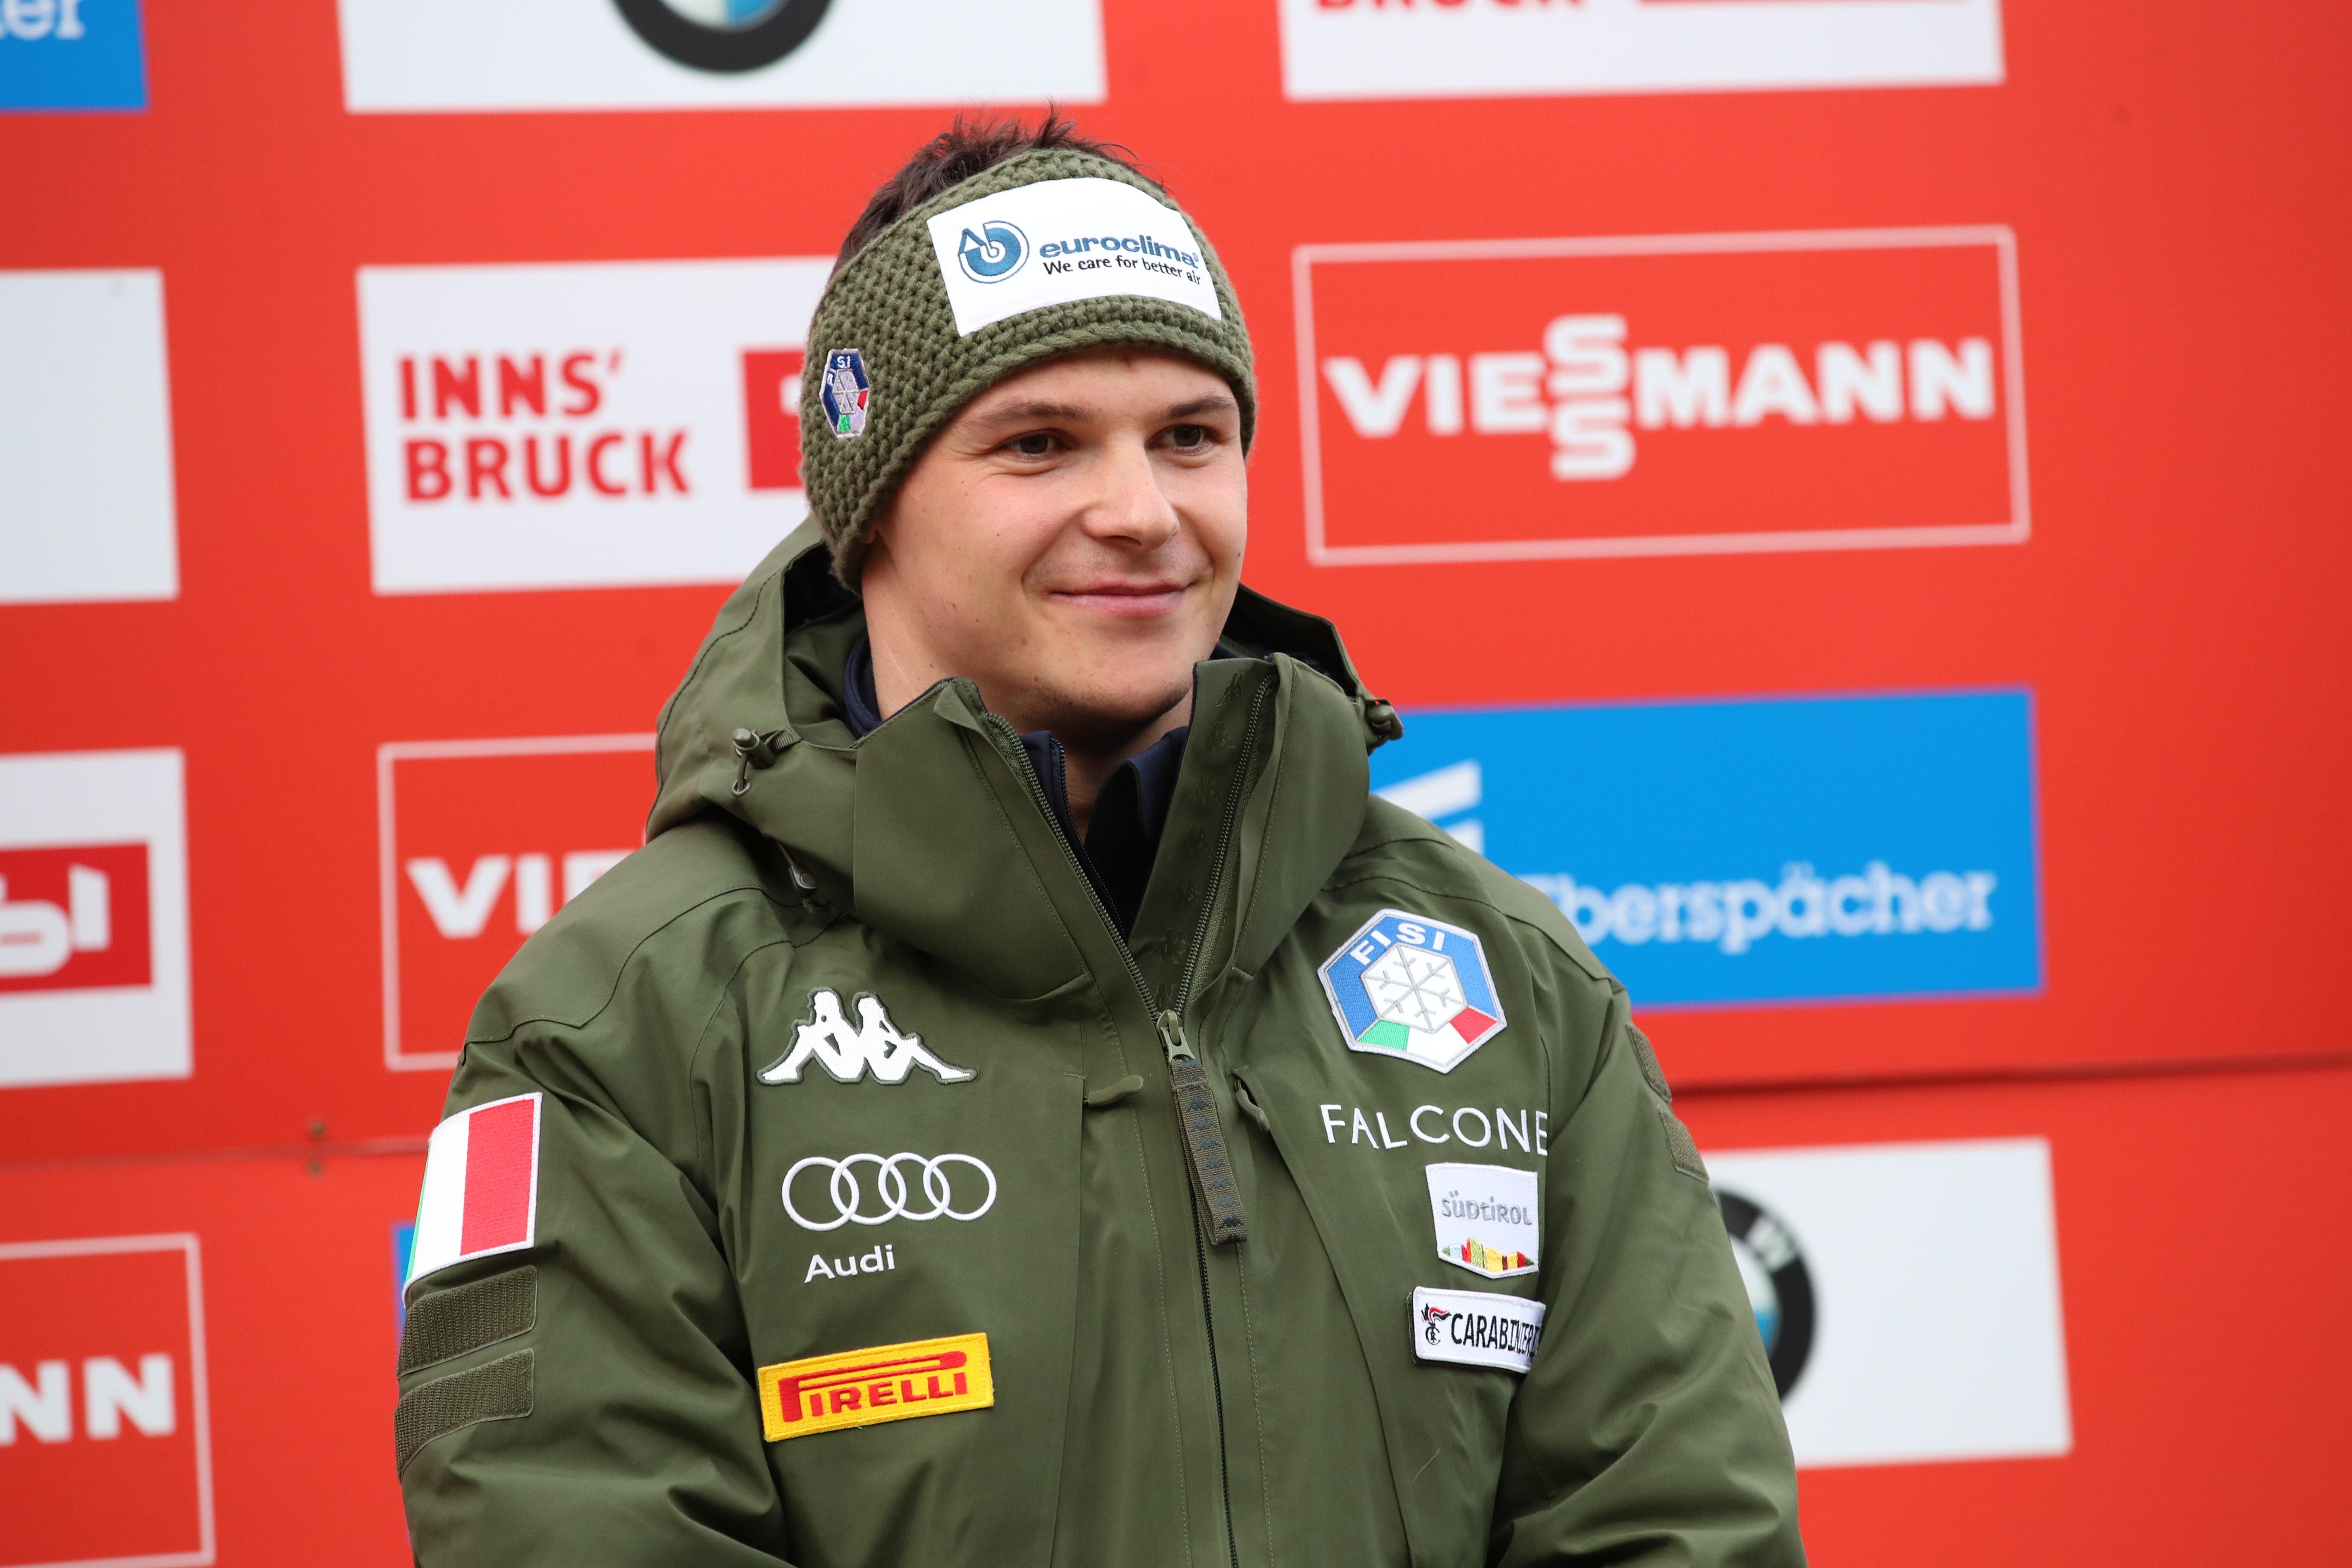 100% Gratis Singlebrse Tirol Innsbruck Singles - Kostenlose